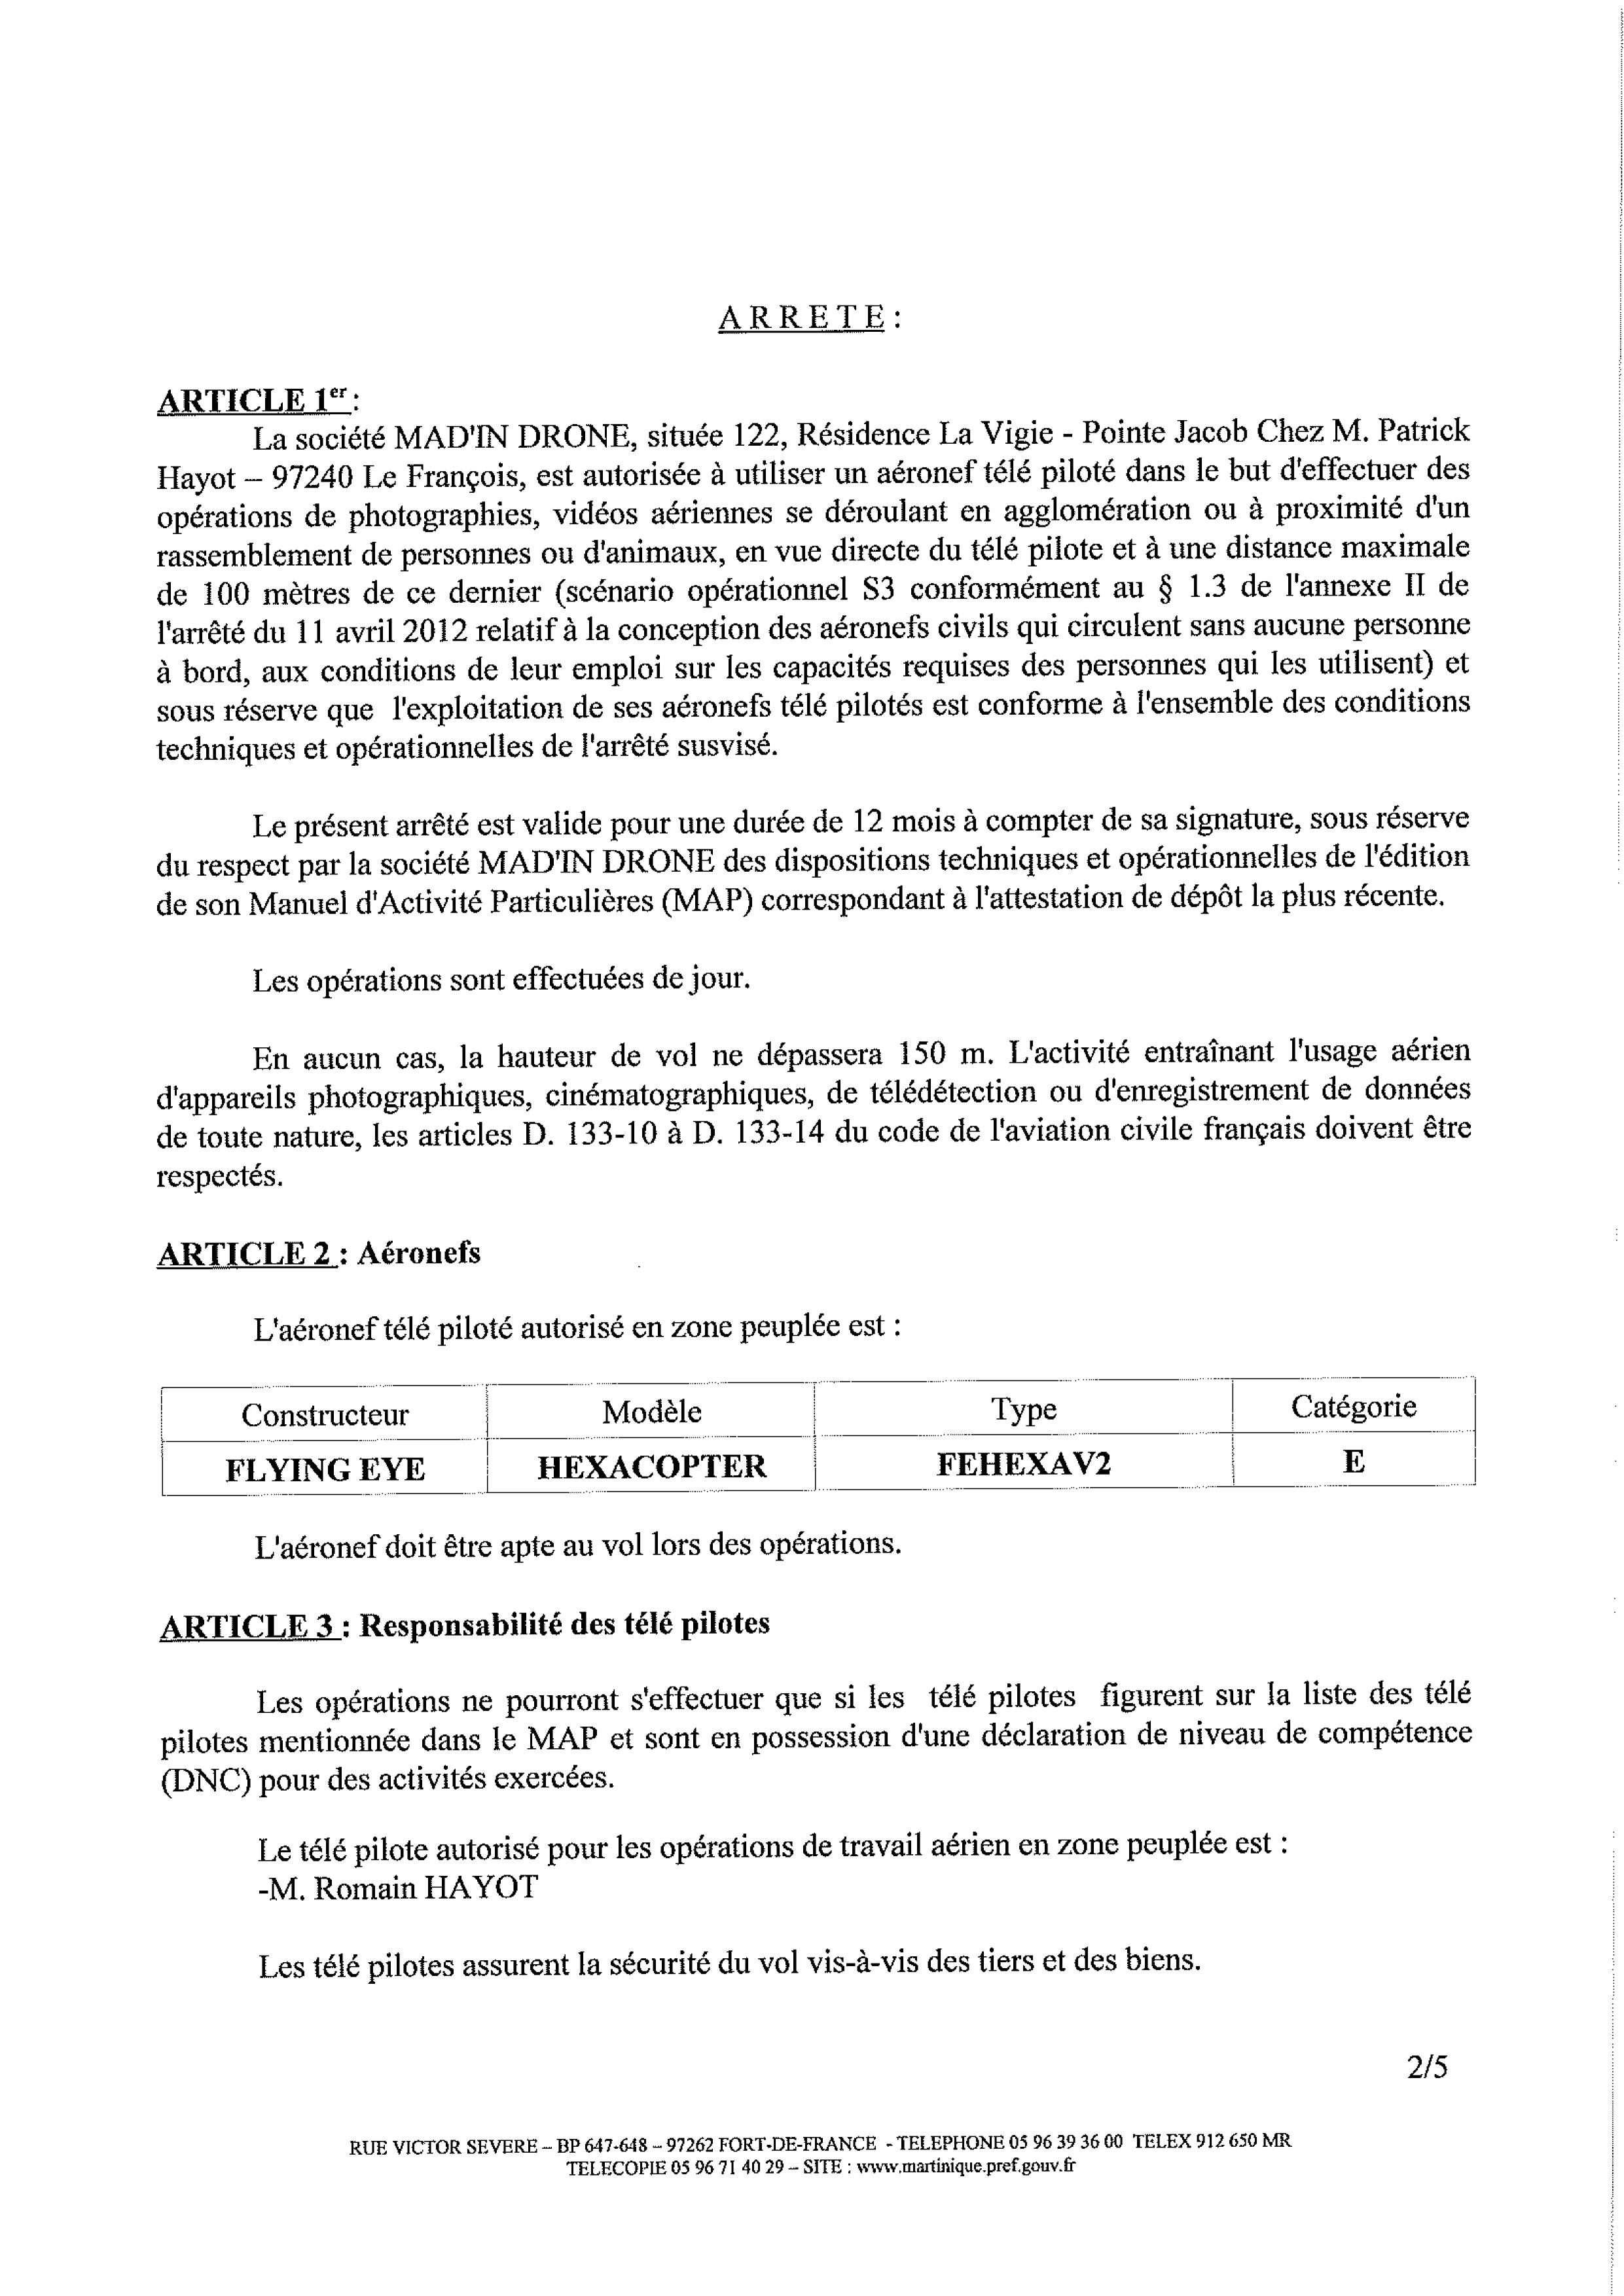 Mad'In Drone - Arrêté Préfectoral Martinique - Autorisation de survol des agglomérations